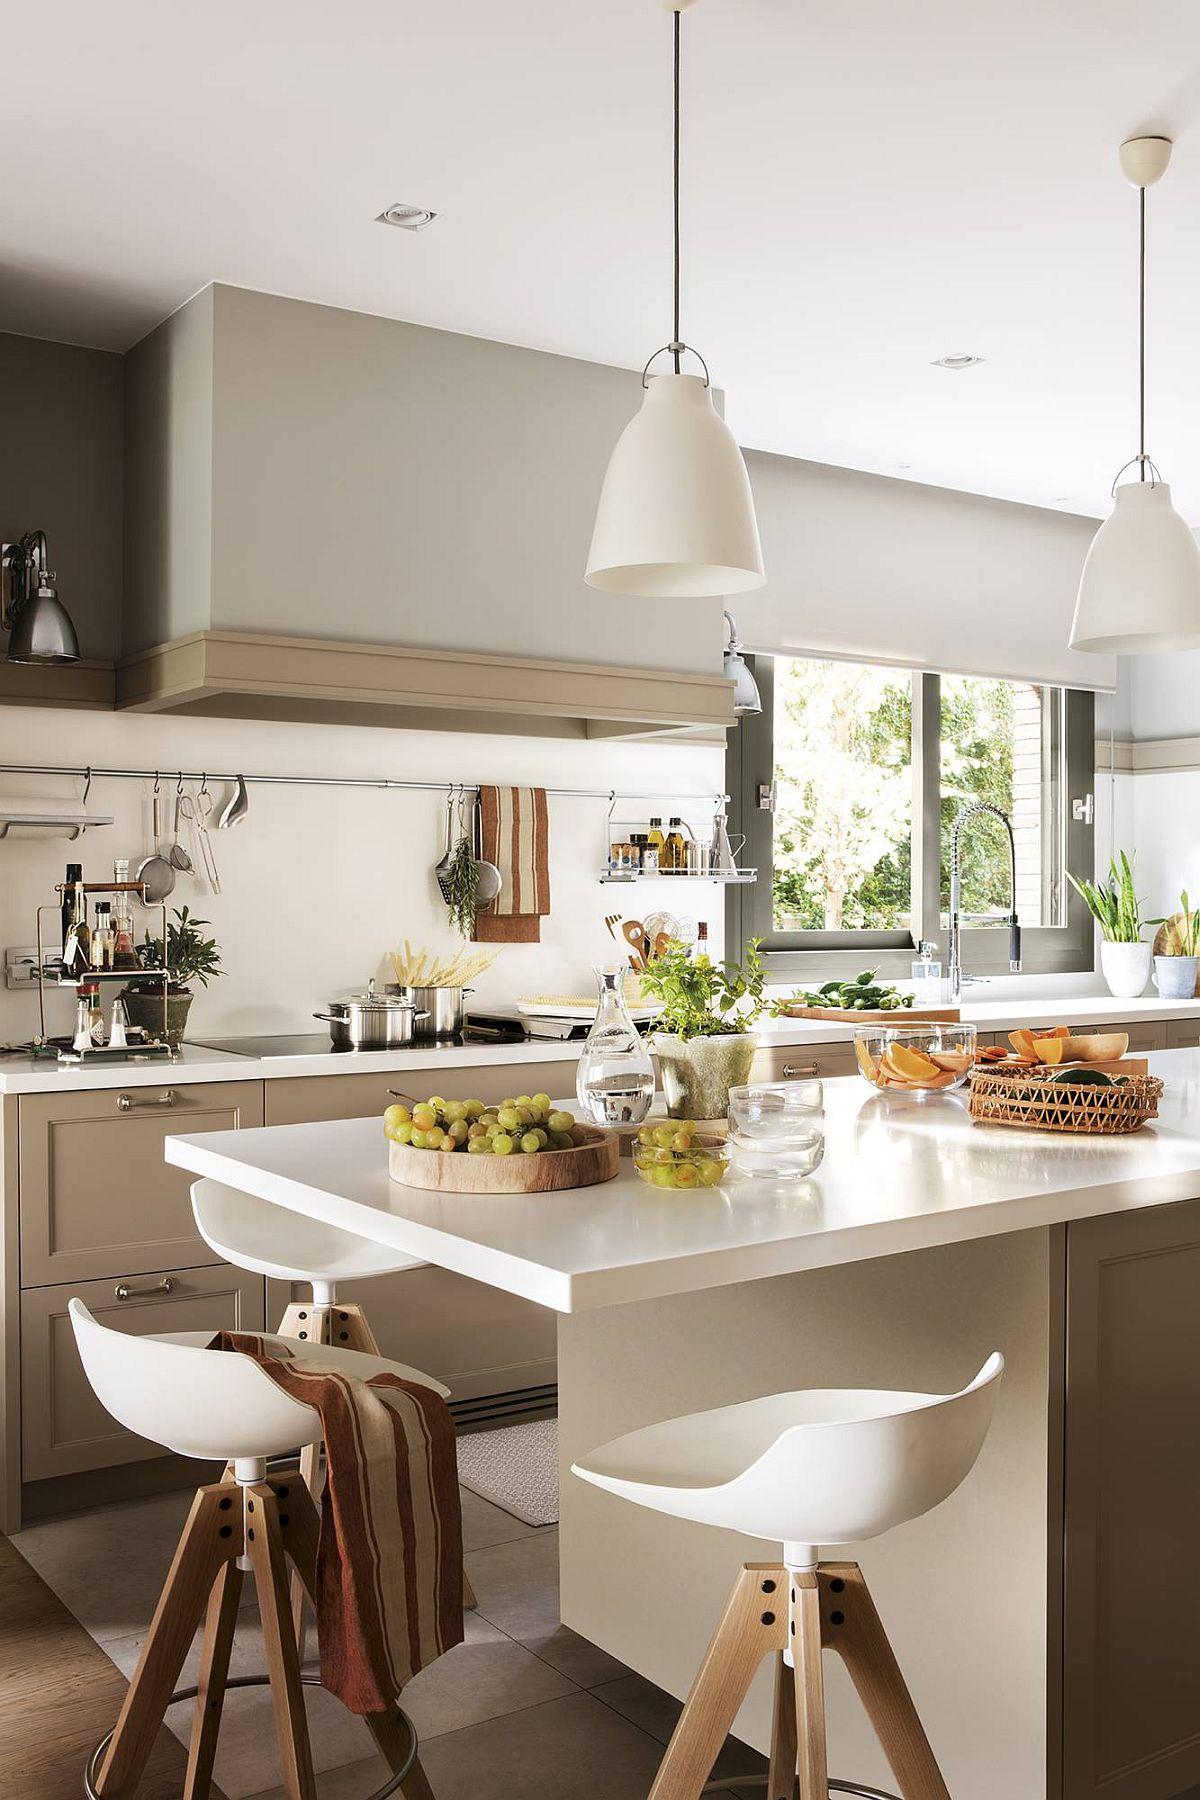 O casă interesant proiectată de la bucătărie înspre restul funcțiunilor, dar foarte bine organizată pentru familia care locuiește aici. Cu siguranță după ce vezi o astfel de abordare, vei lua în considerare cristeriile care de fapt te interesează, dincolo de cum obișnuiește toată lumea să facă. Sper să te inspire și pe tine!